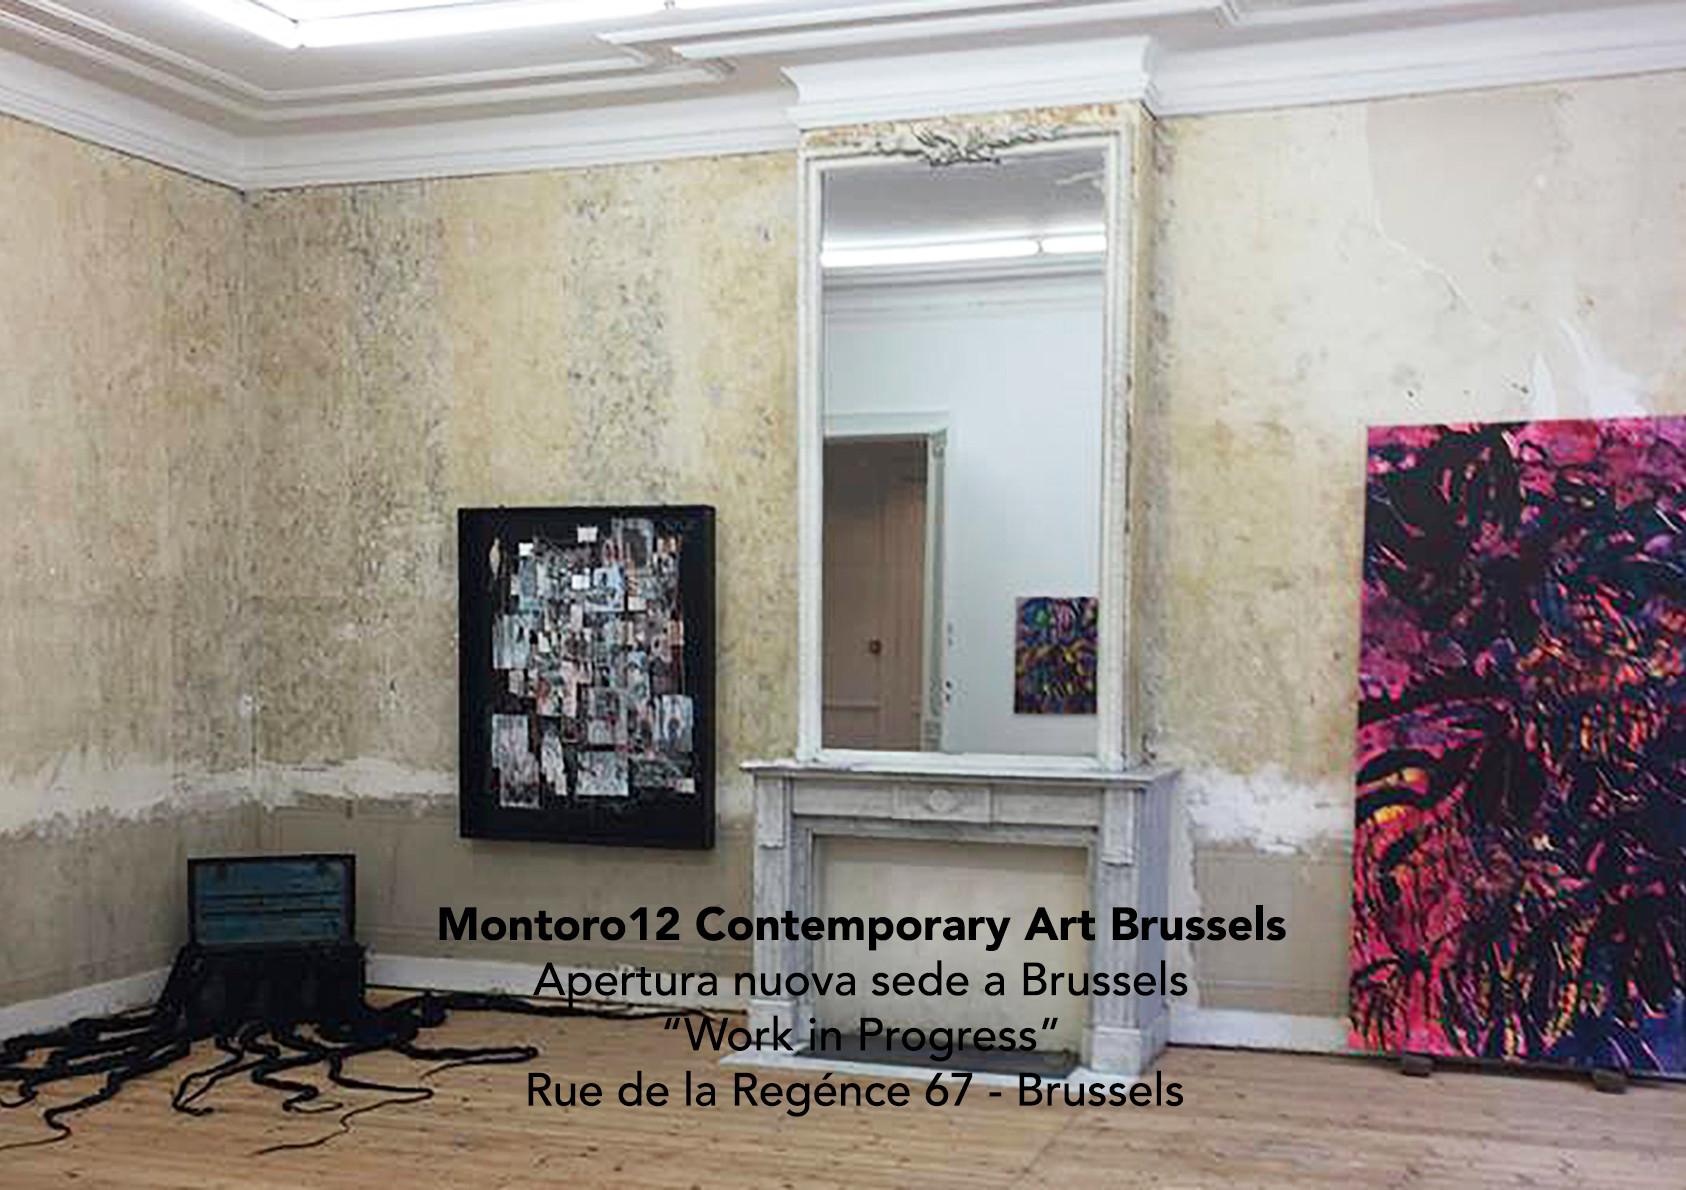 Foto galleria Bruxelles_ita